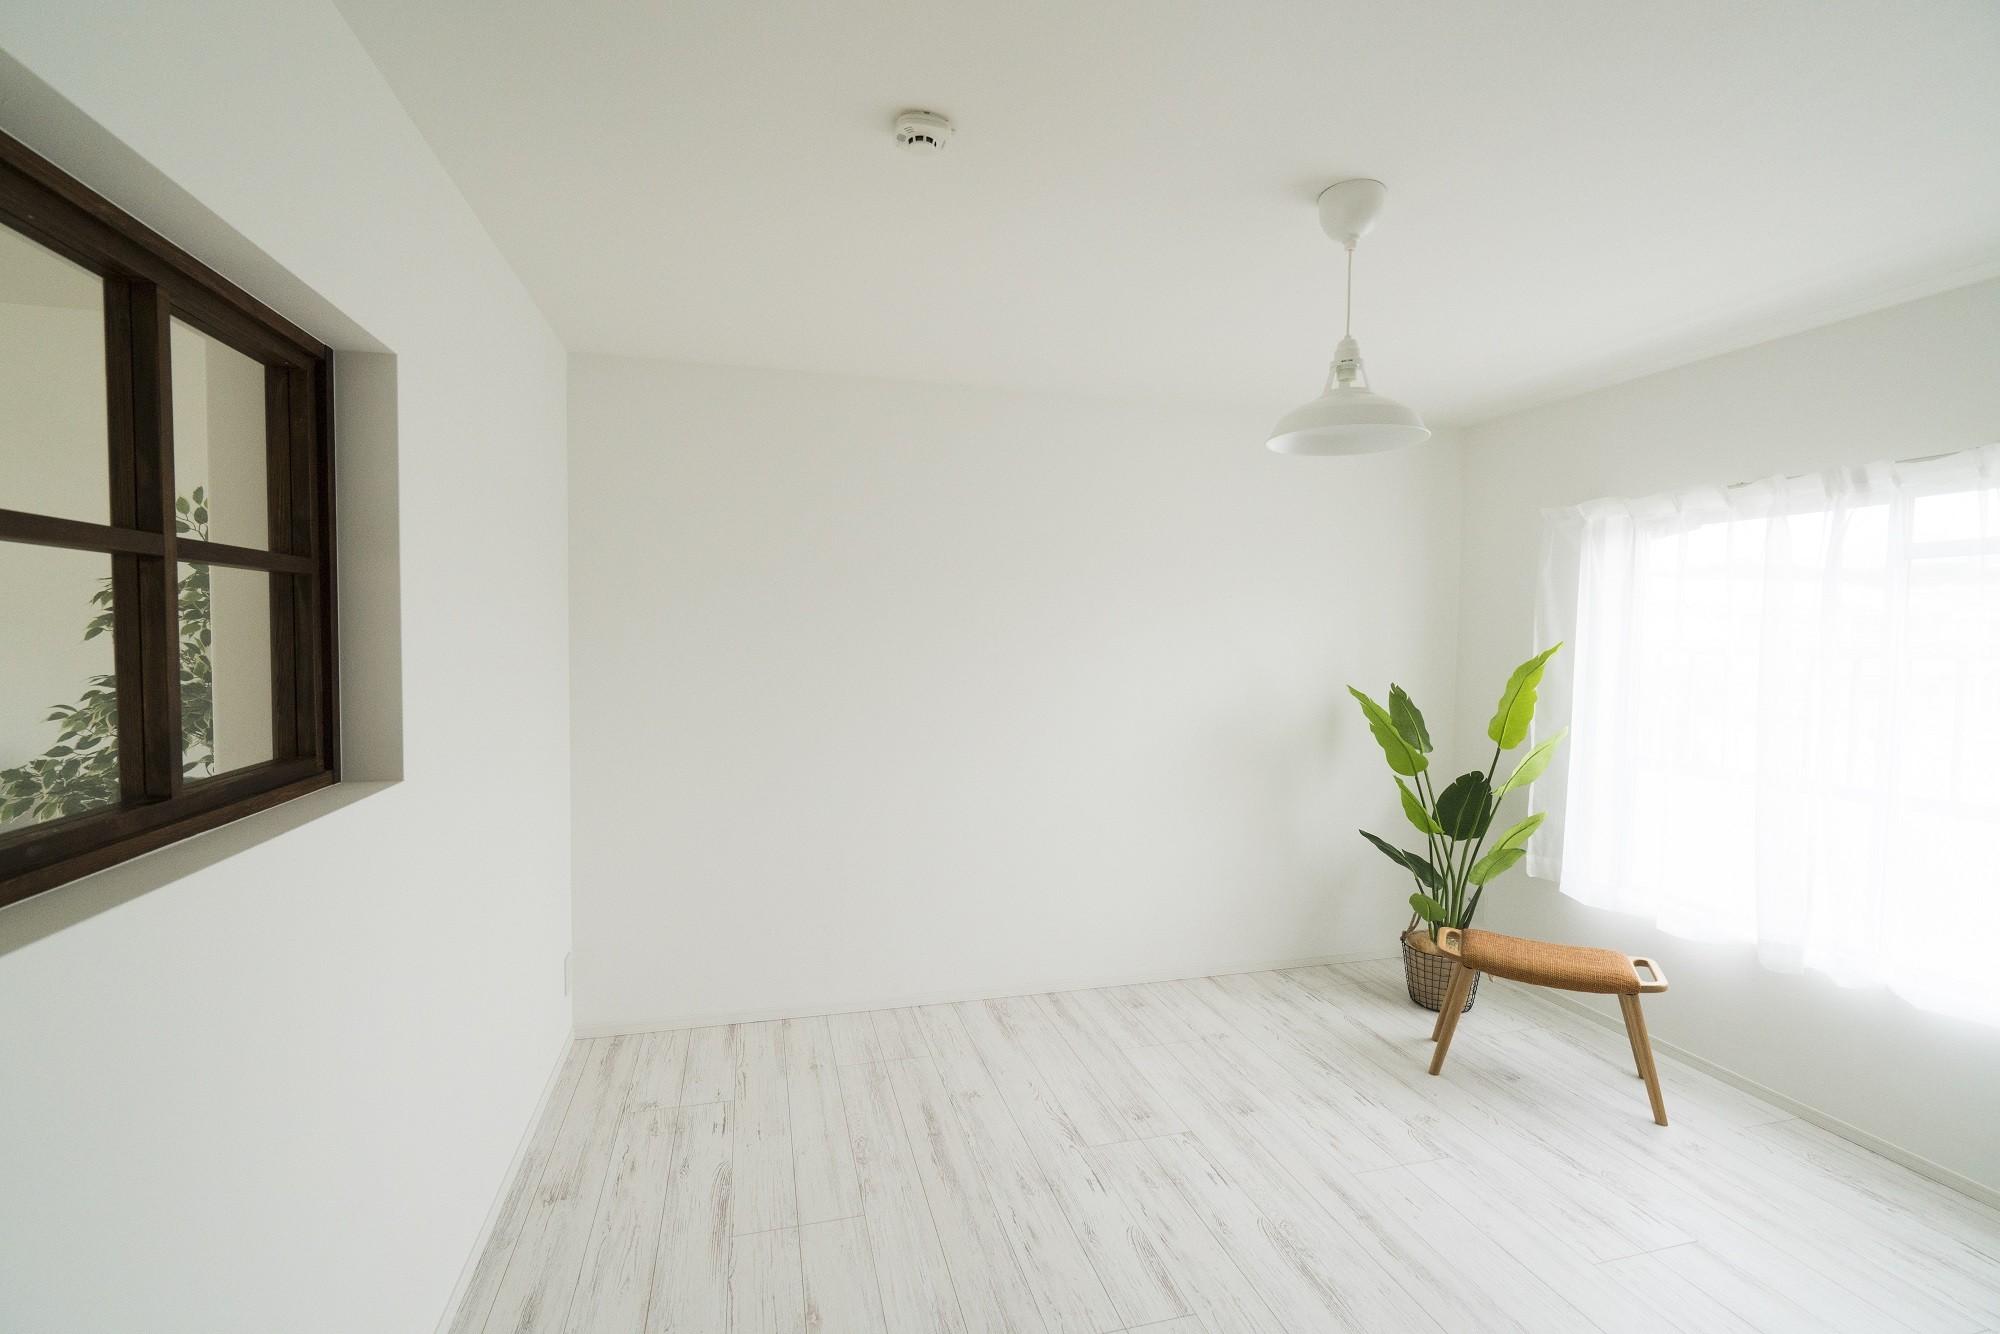 子供部屋事例:洋室(リノベーション リビングと繋がる部屋)